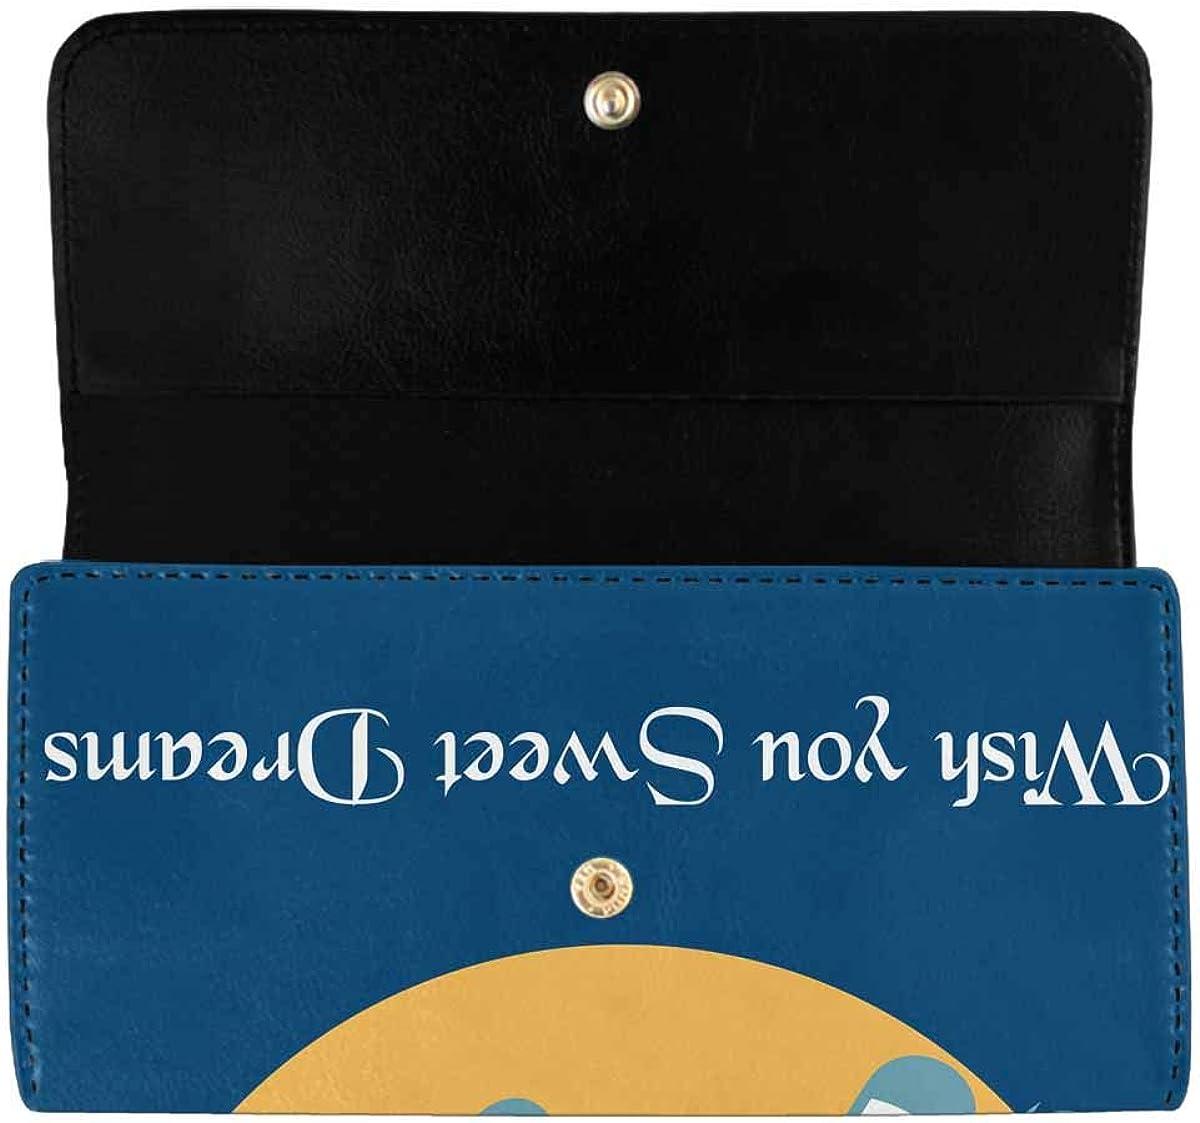 INTERESTPRINT Women's Trifold Clutch Card Holder Cartoon Octopus with Cherry Pattern Purses Wallet Handbags